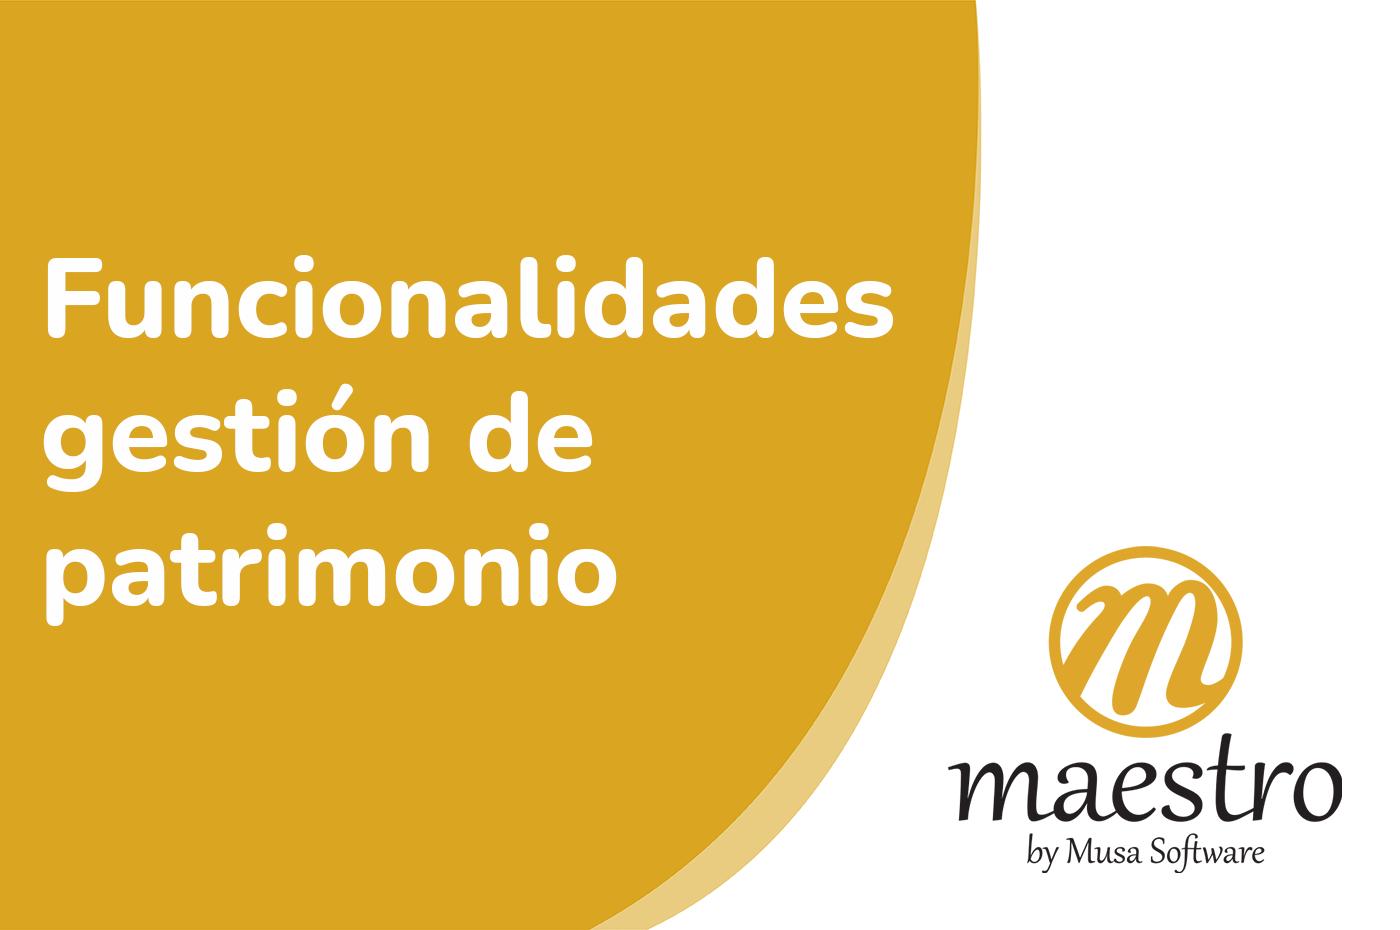 Funcionalidades-gestion-de-patrimonio.png